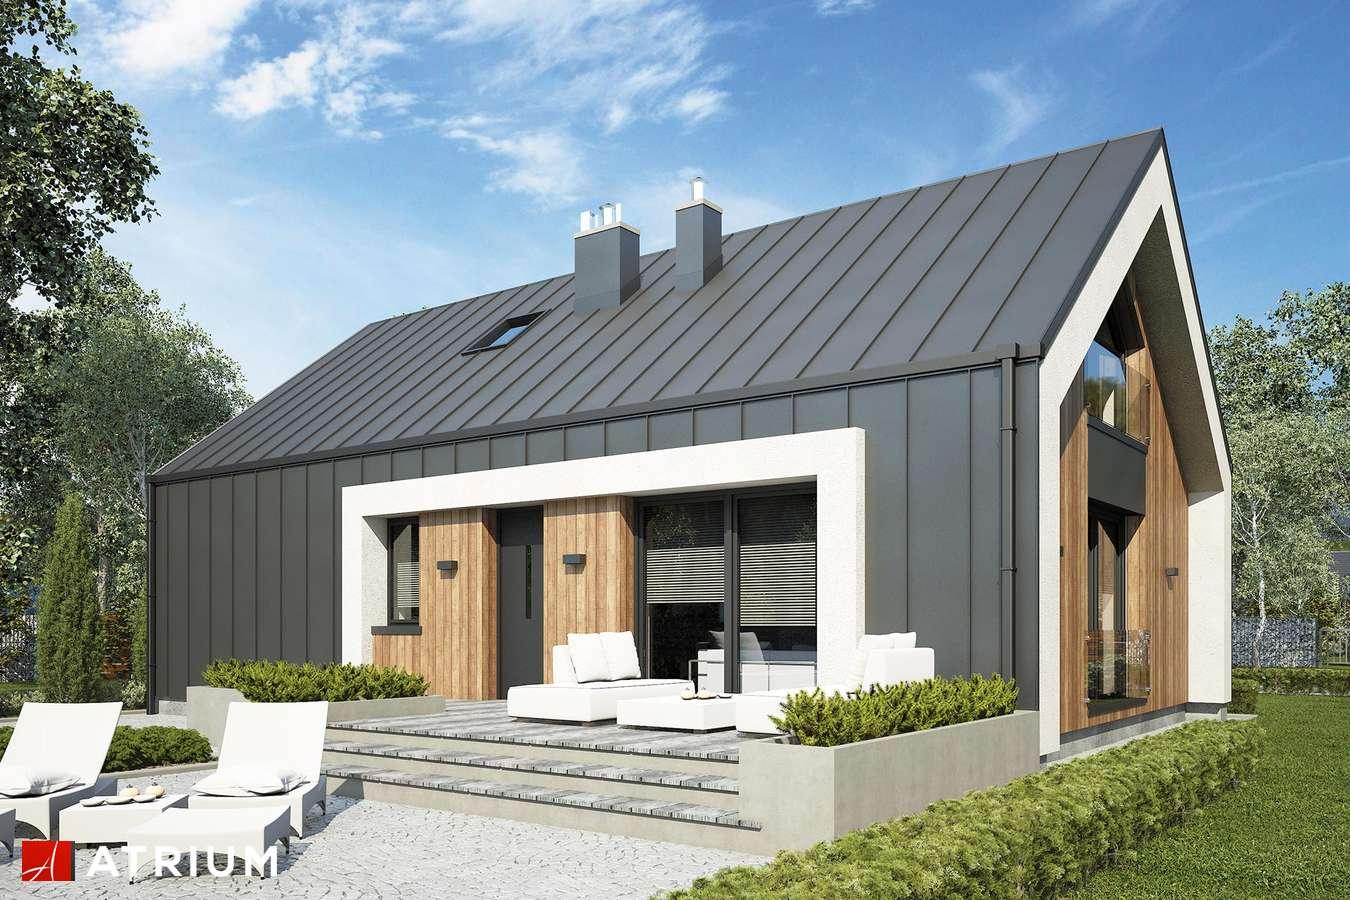 Projekty domów - Projekt domu z poddaszem AURORA MIDI III BIS - wizualizacja 2 - wersja lustrzana